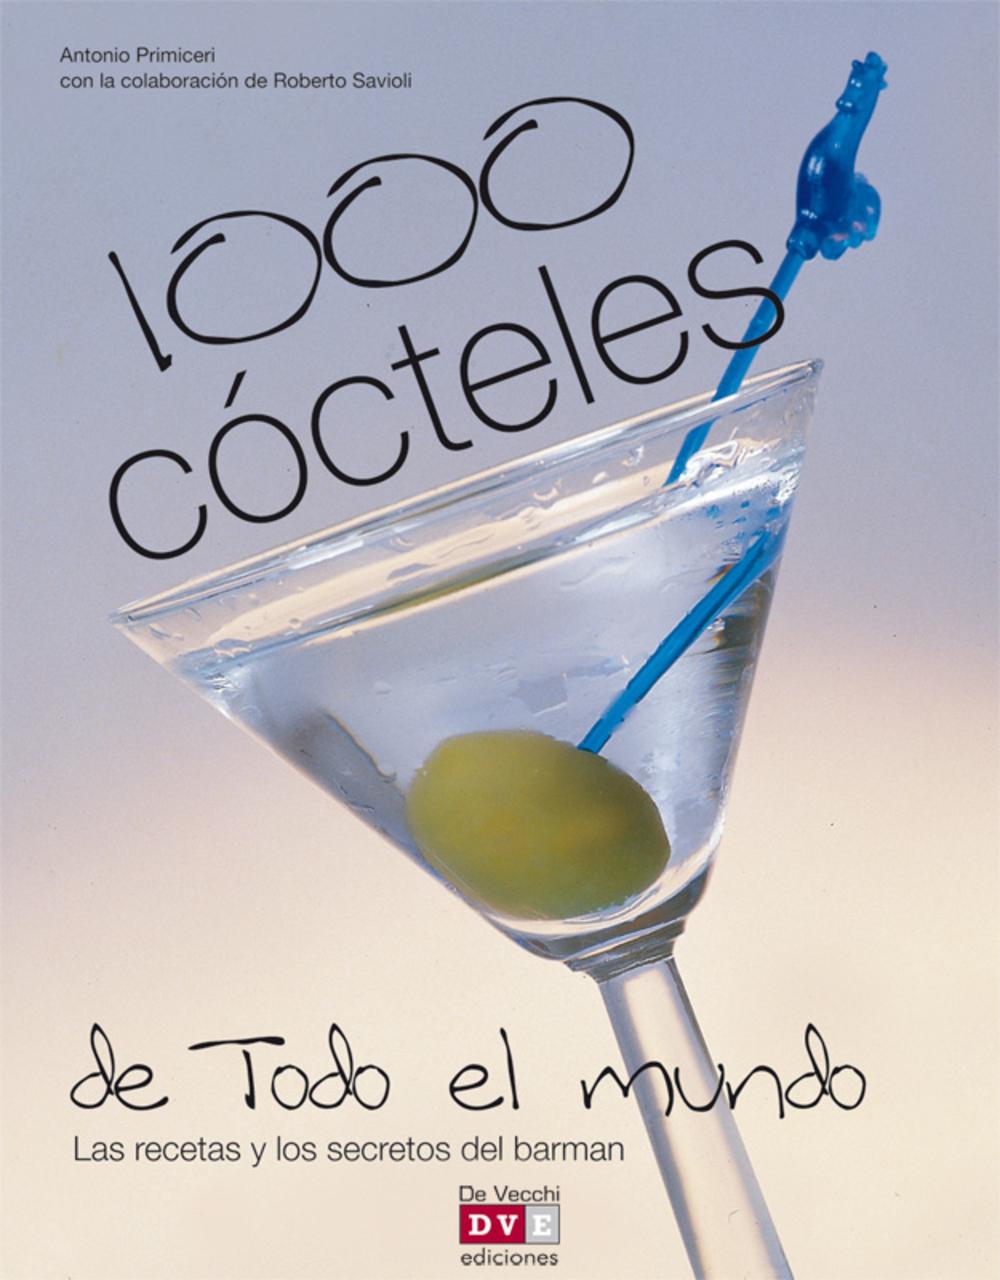 1000 cócteles de todo el mundo